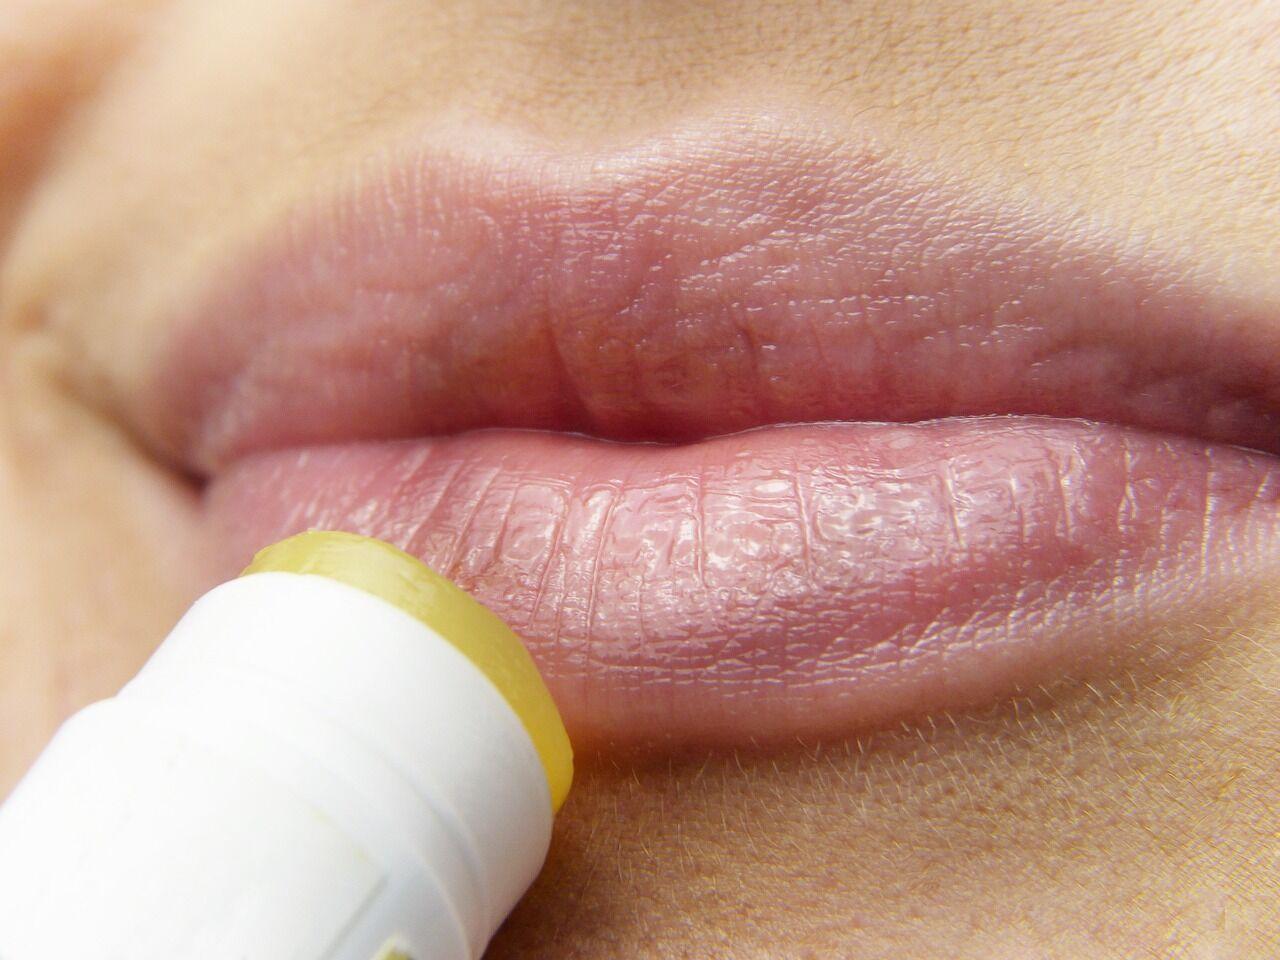 Herpesz kezelésére is jó az aloe vera